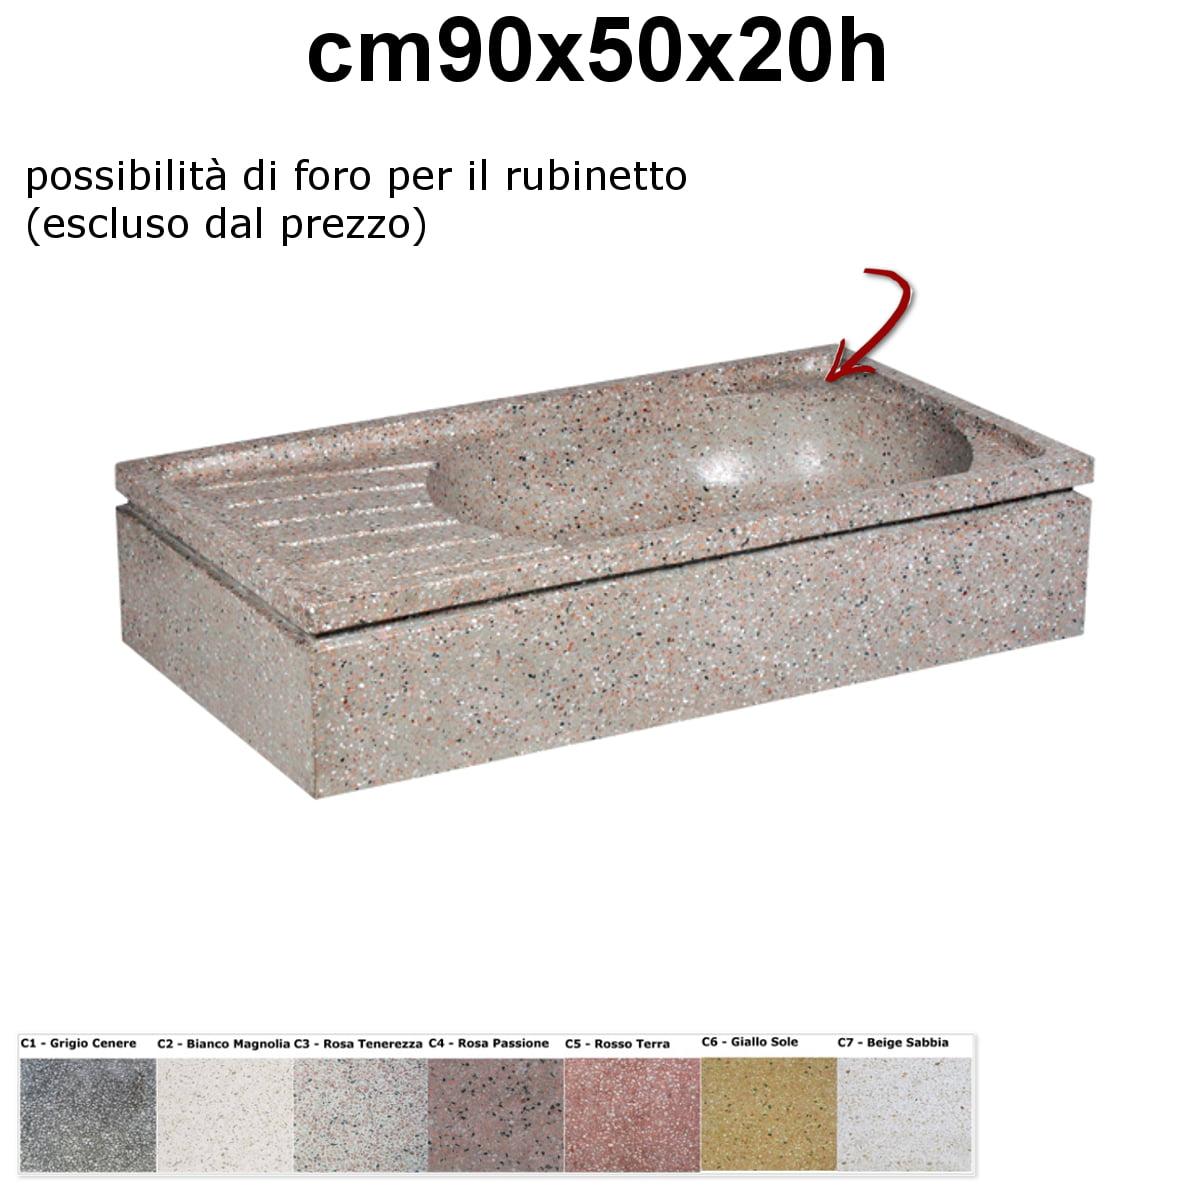 Lavelli da esterno pl202 lavandini da esterno lavelli - Lavandini da esterno ...